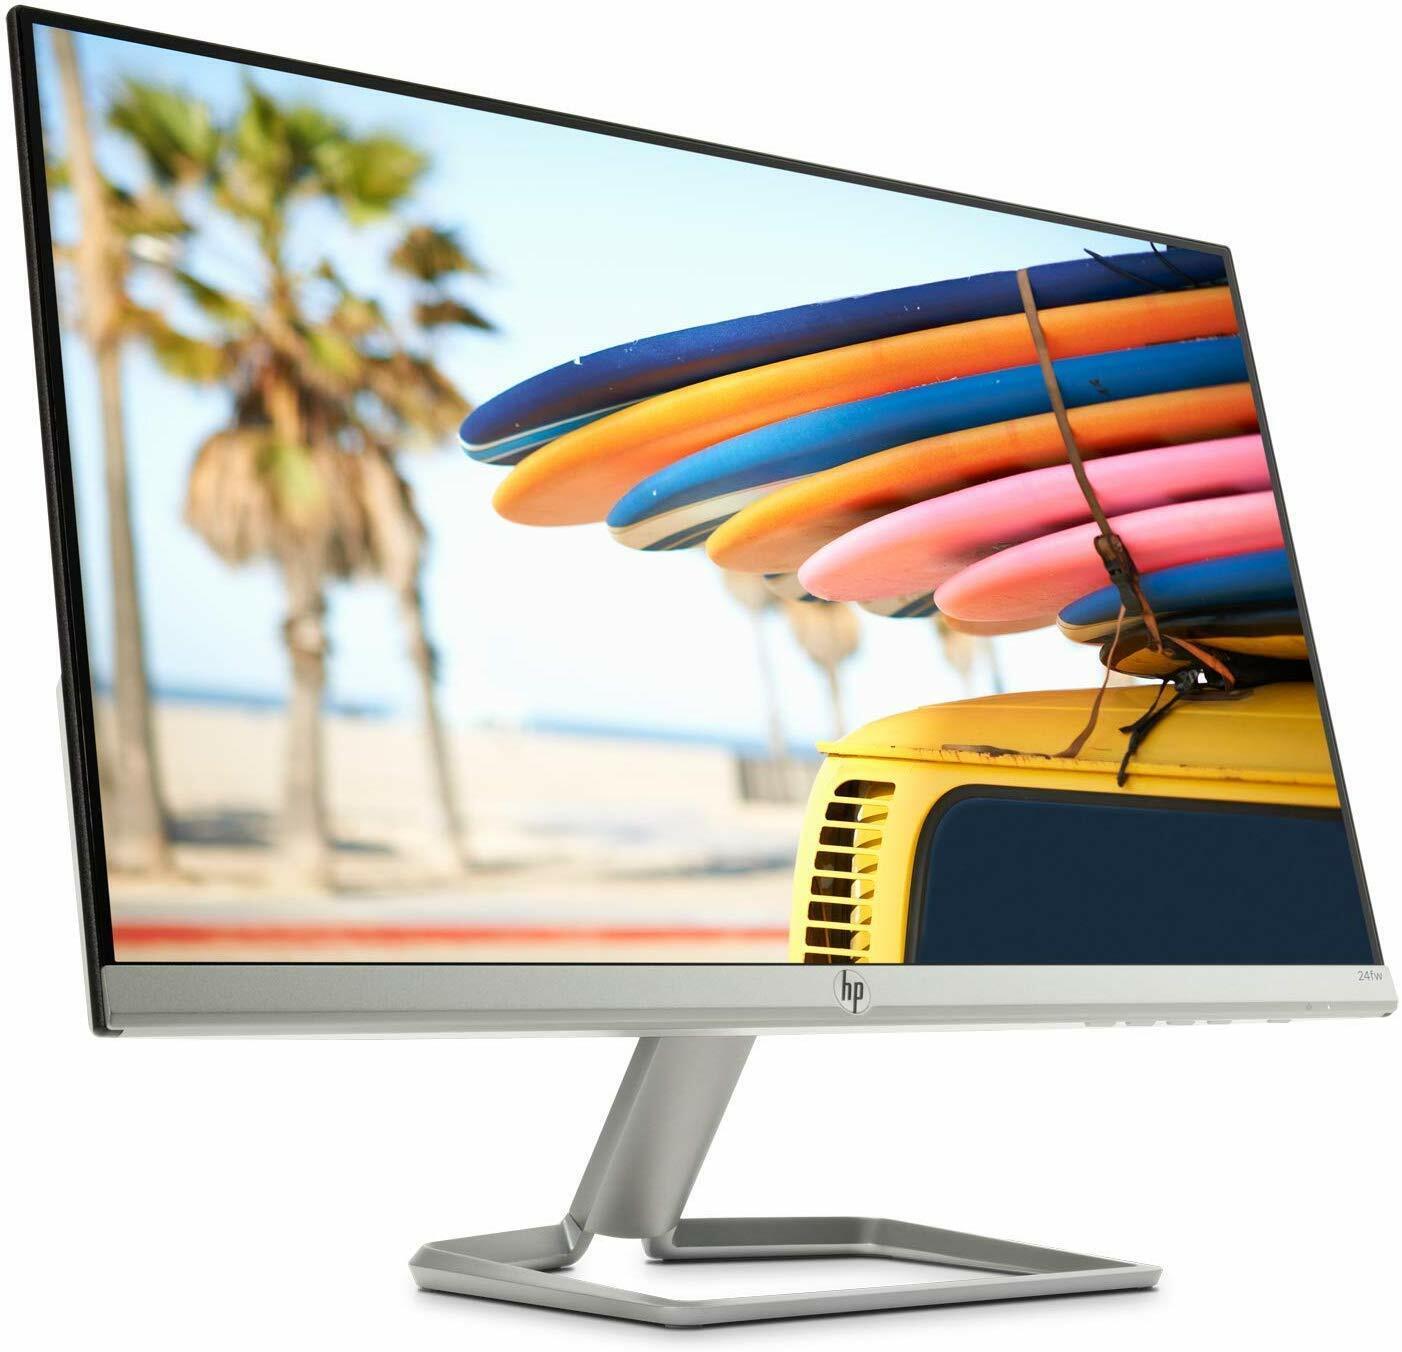 HP 24fw (23,8 Zoll FullHD - 1920x1080) HDMI VGA 5ms Reaktionszeit, 300cd/m²